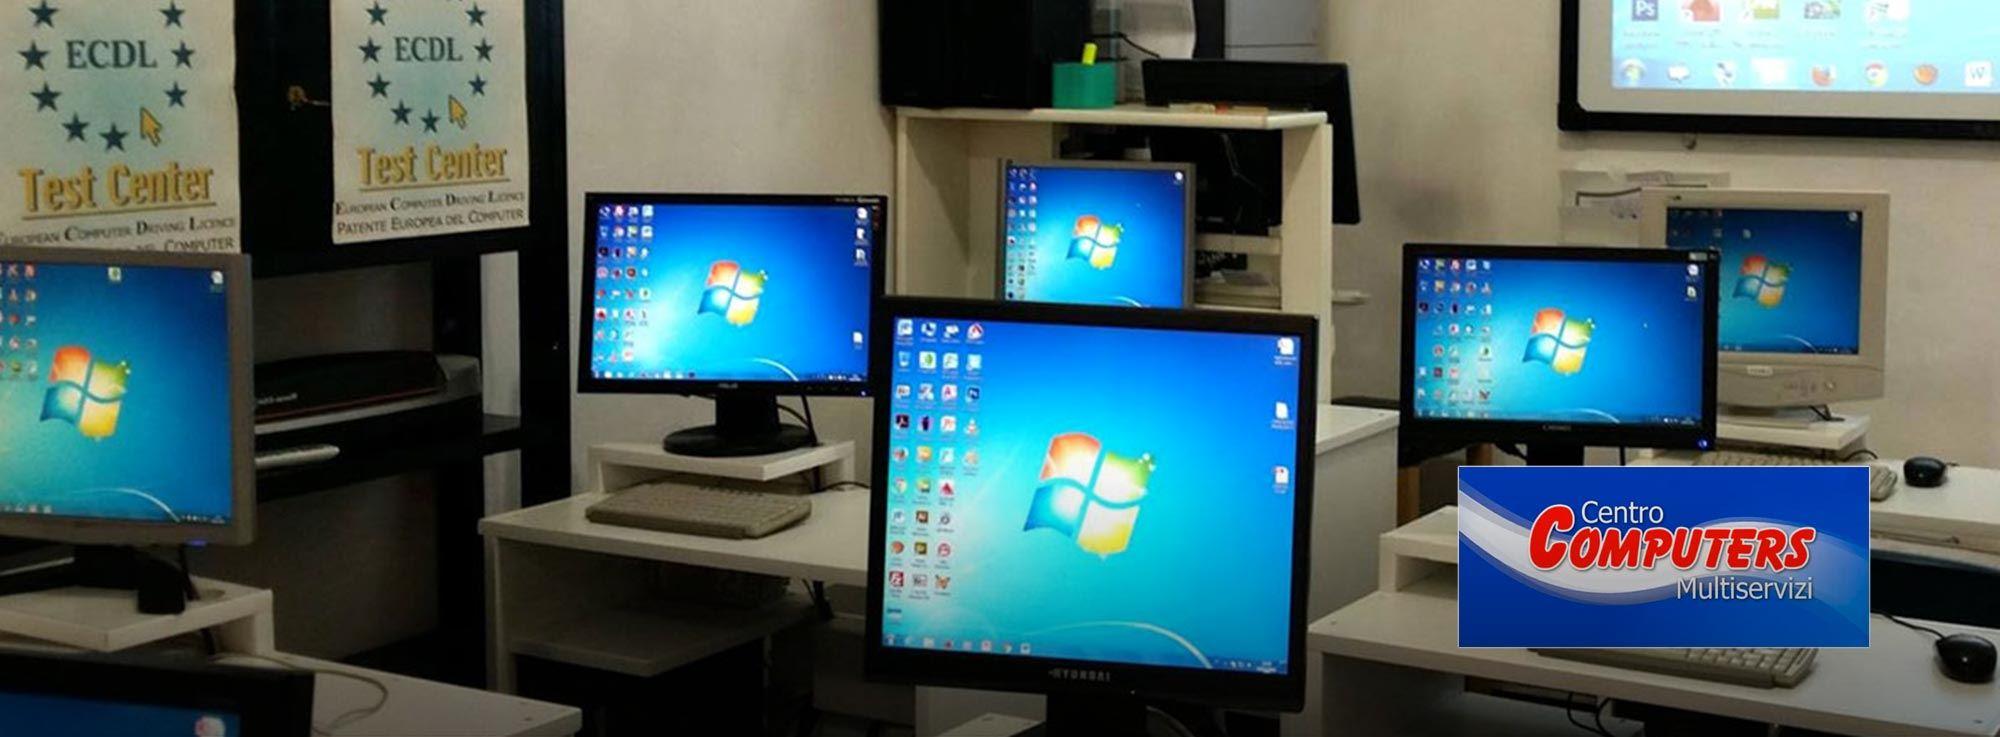 Centro Computers Multiservizi Barletta